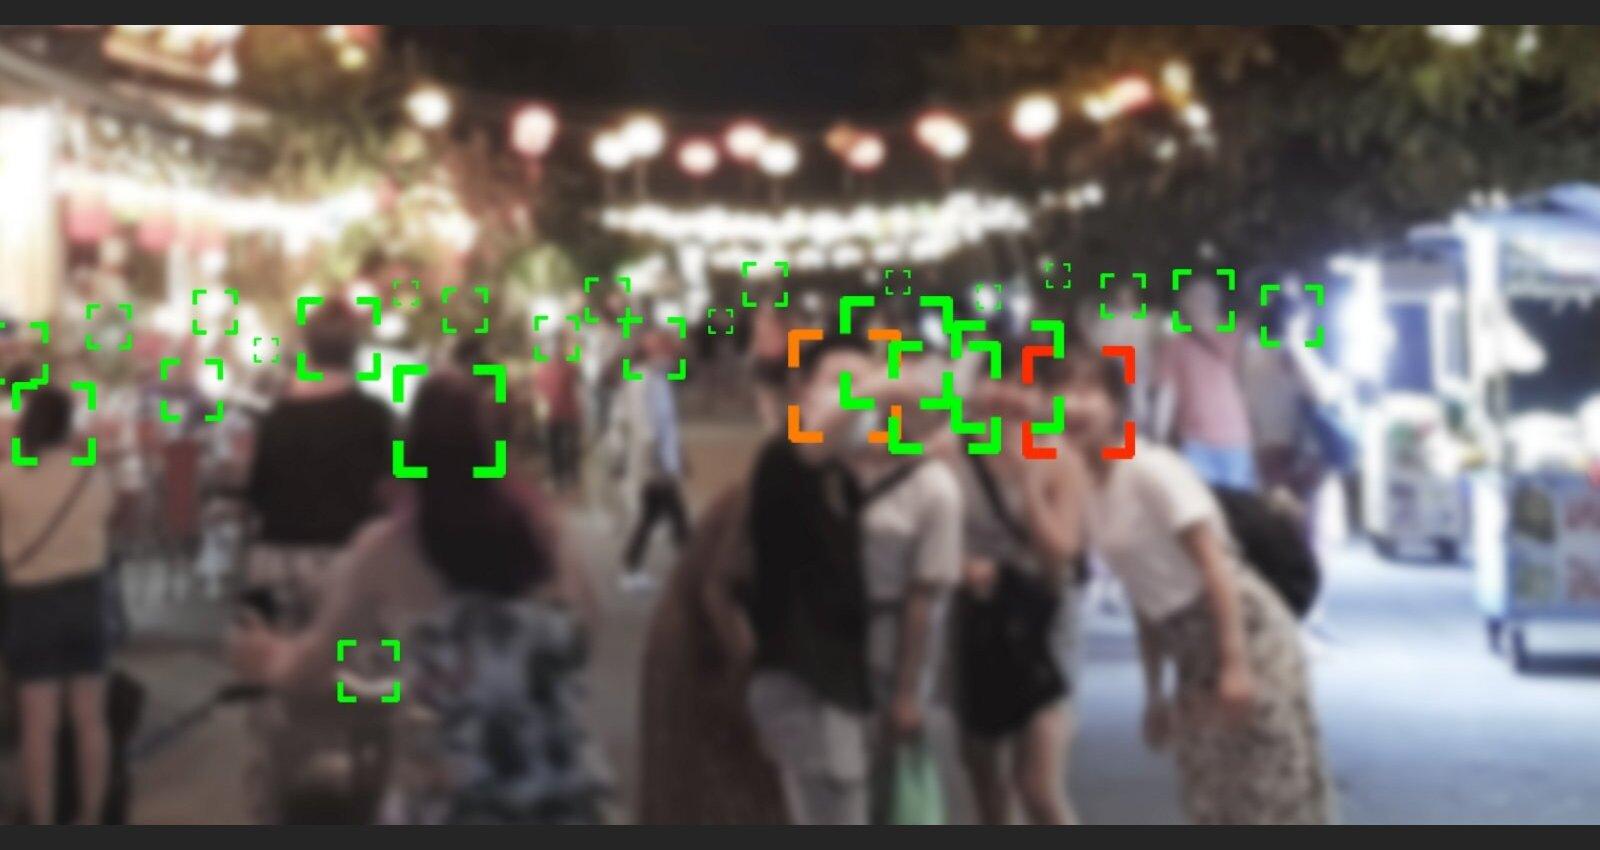 Latvijas digitālā cīņa pret Covid-19: karantīnas kontrole – mēneša laikā; kontaktpersonām grib sekot kā Singapūrā